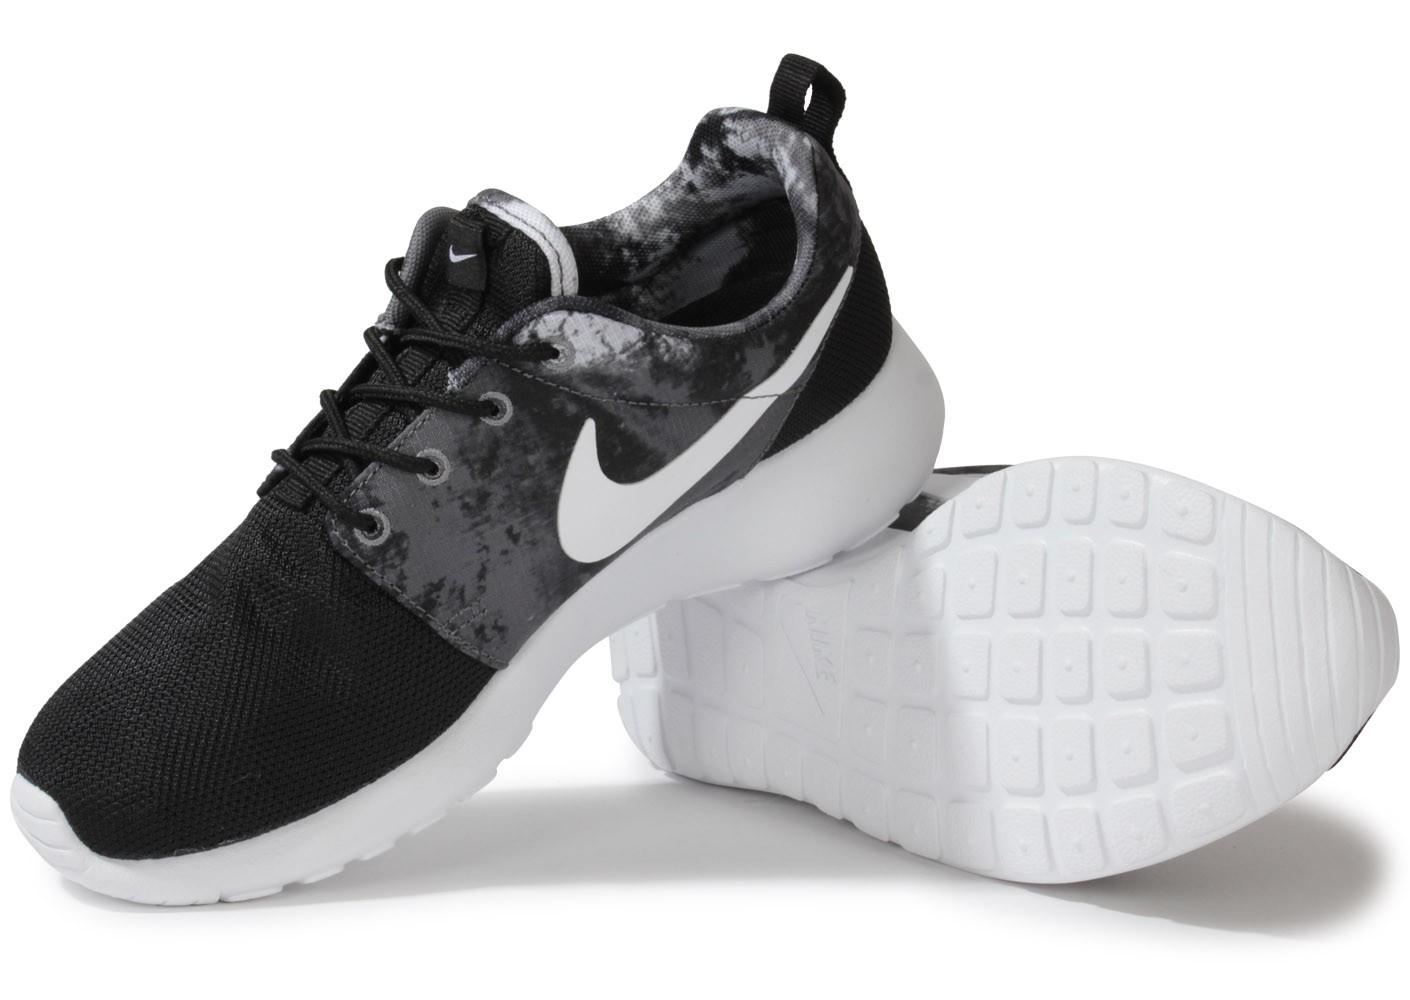 00c1f5a3b2e4b Promotion À De dédié Air Achat L argent Nike Groupe Économiser C6USrCq